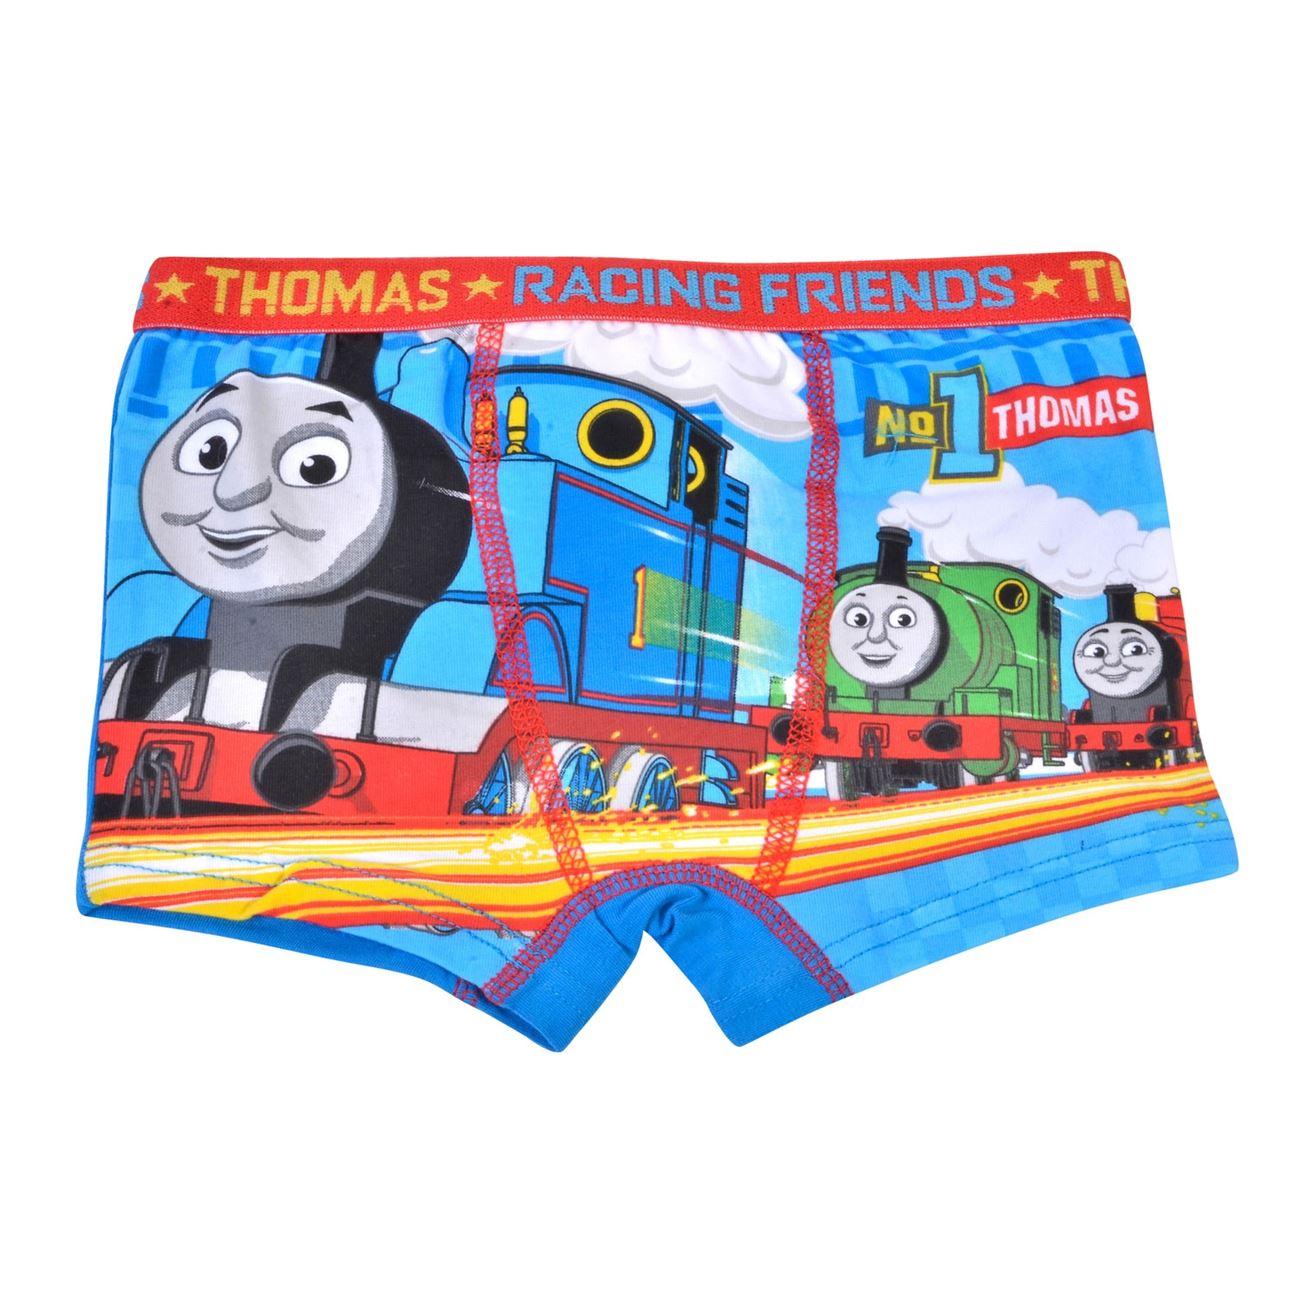 Μπόξερ Παιδικό THOMAS THE TRAIN   Boxer  a862e56cd65